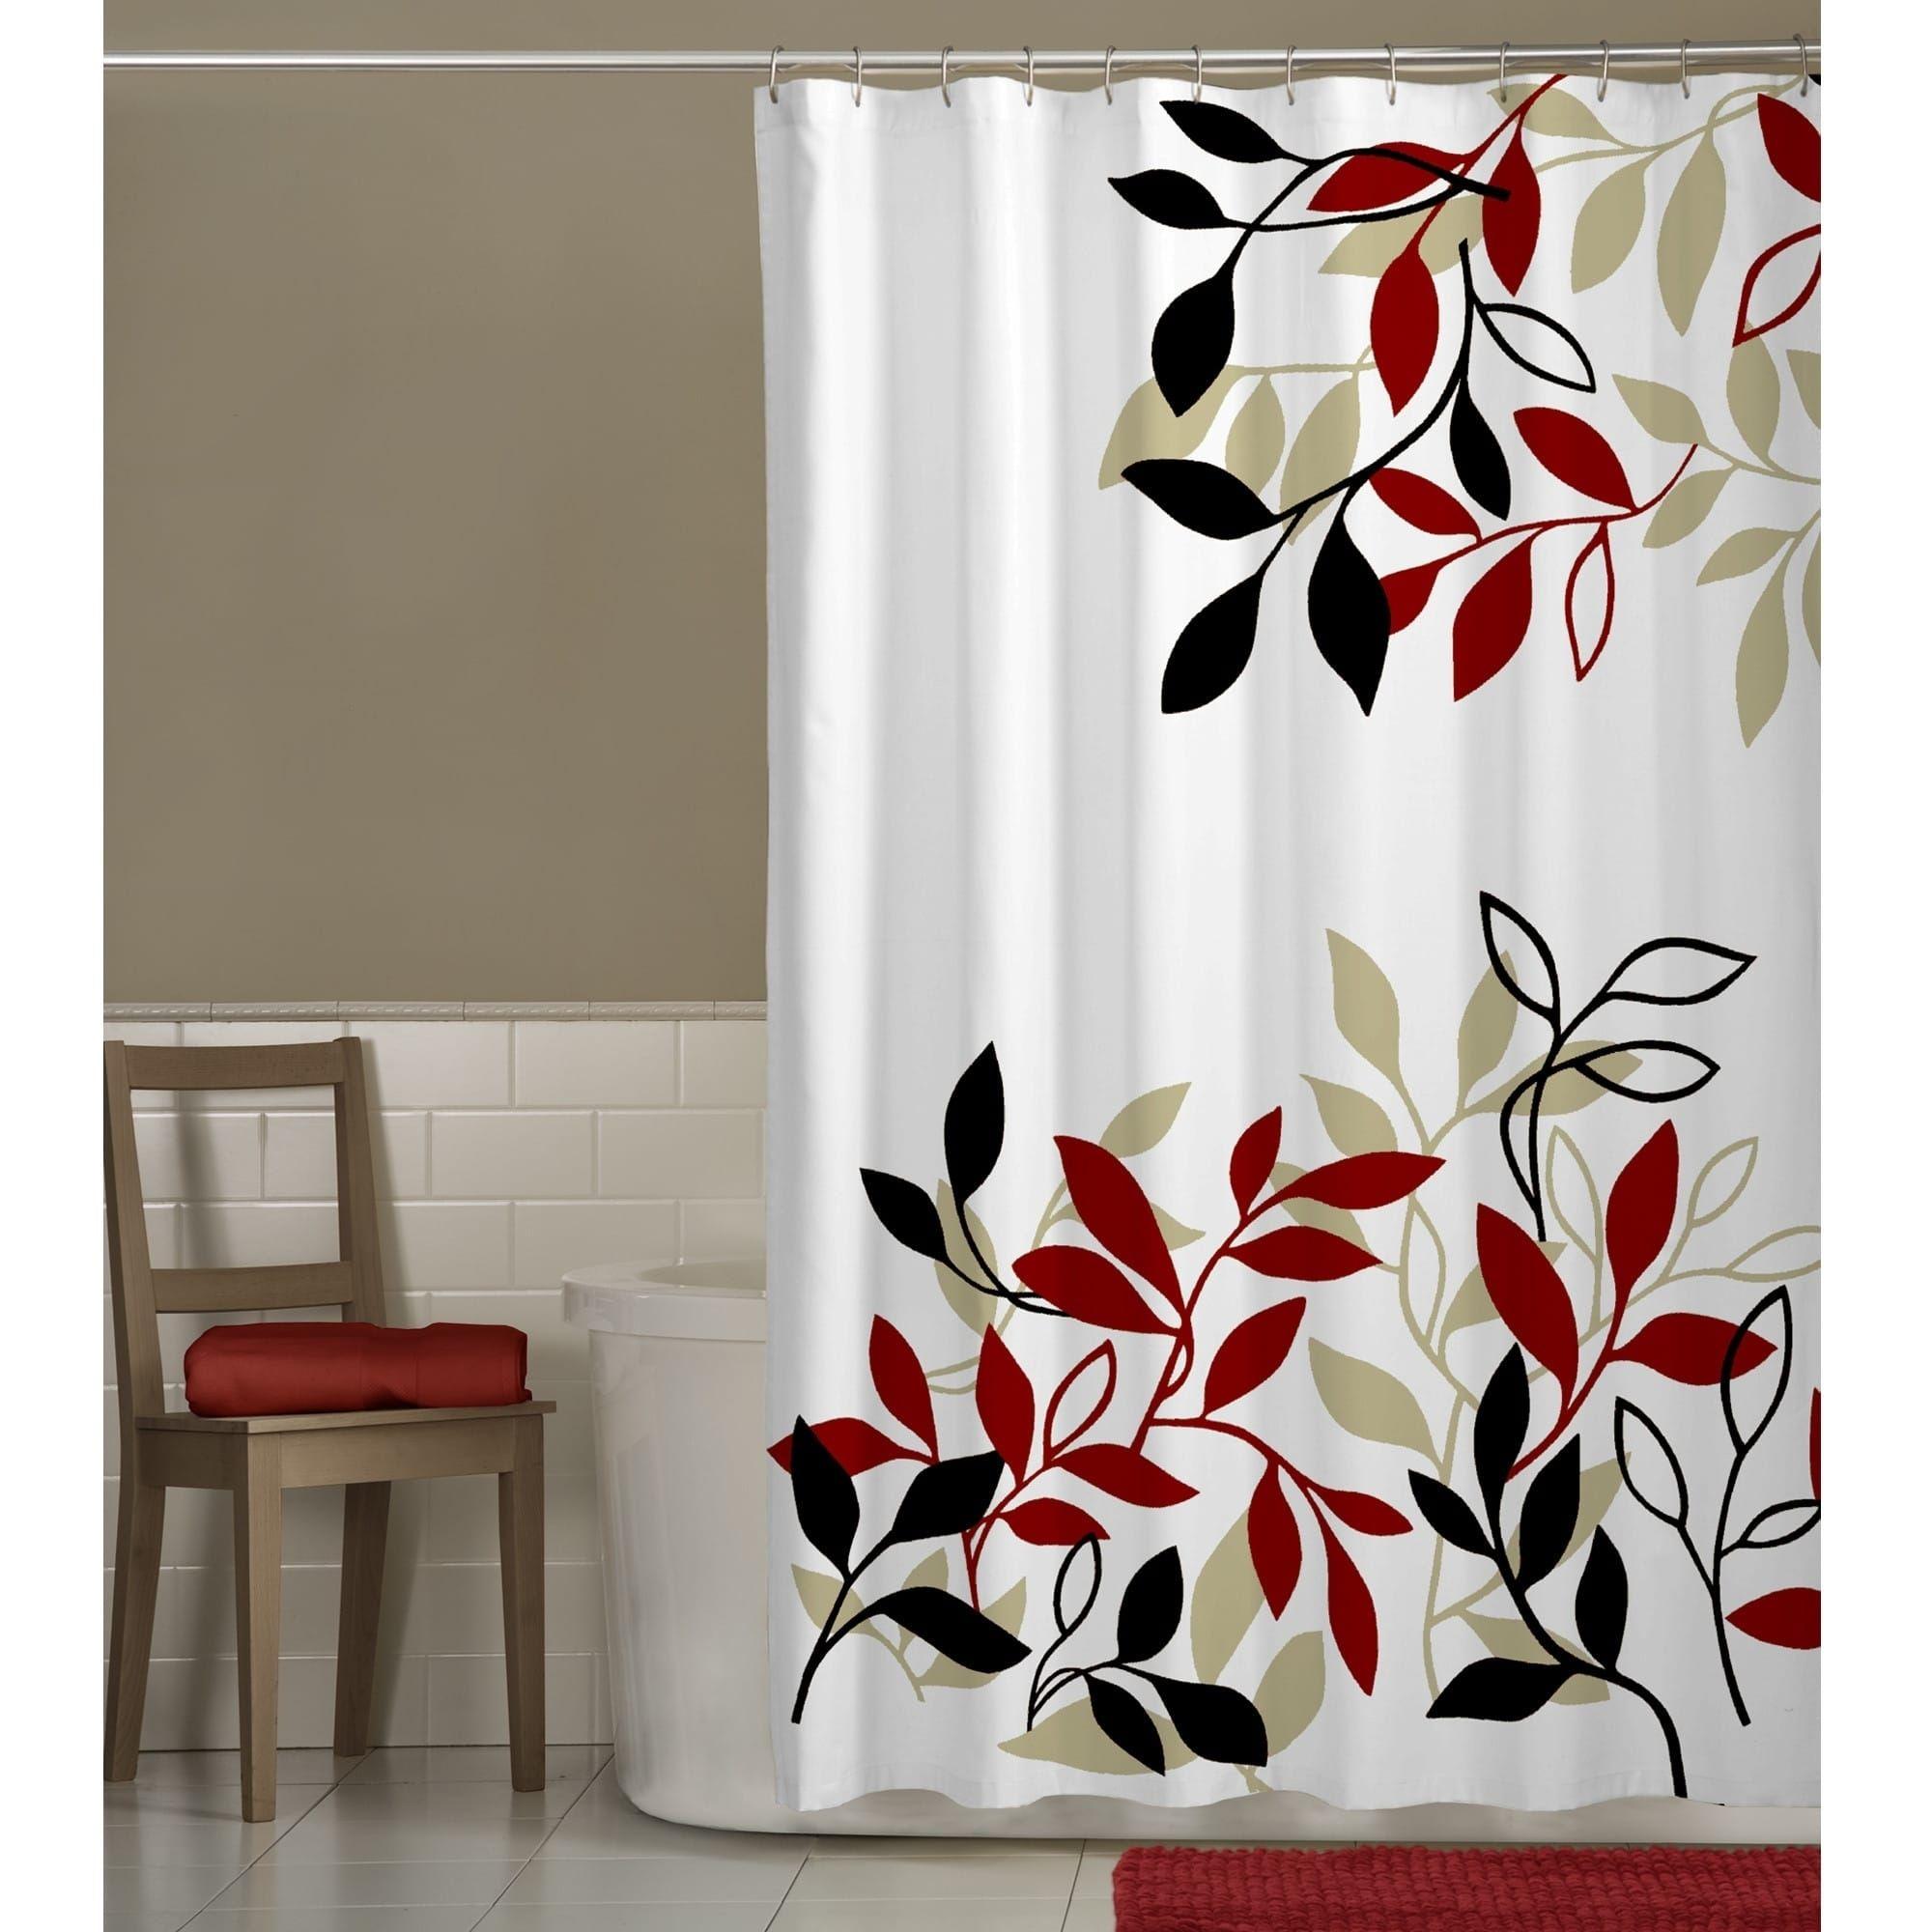 Maytex Satori Fabric Shower Curtain Nature